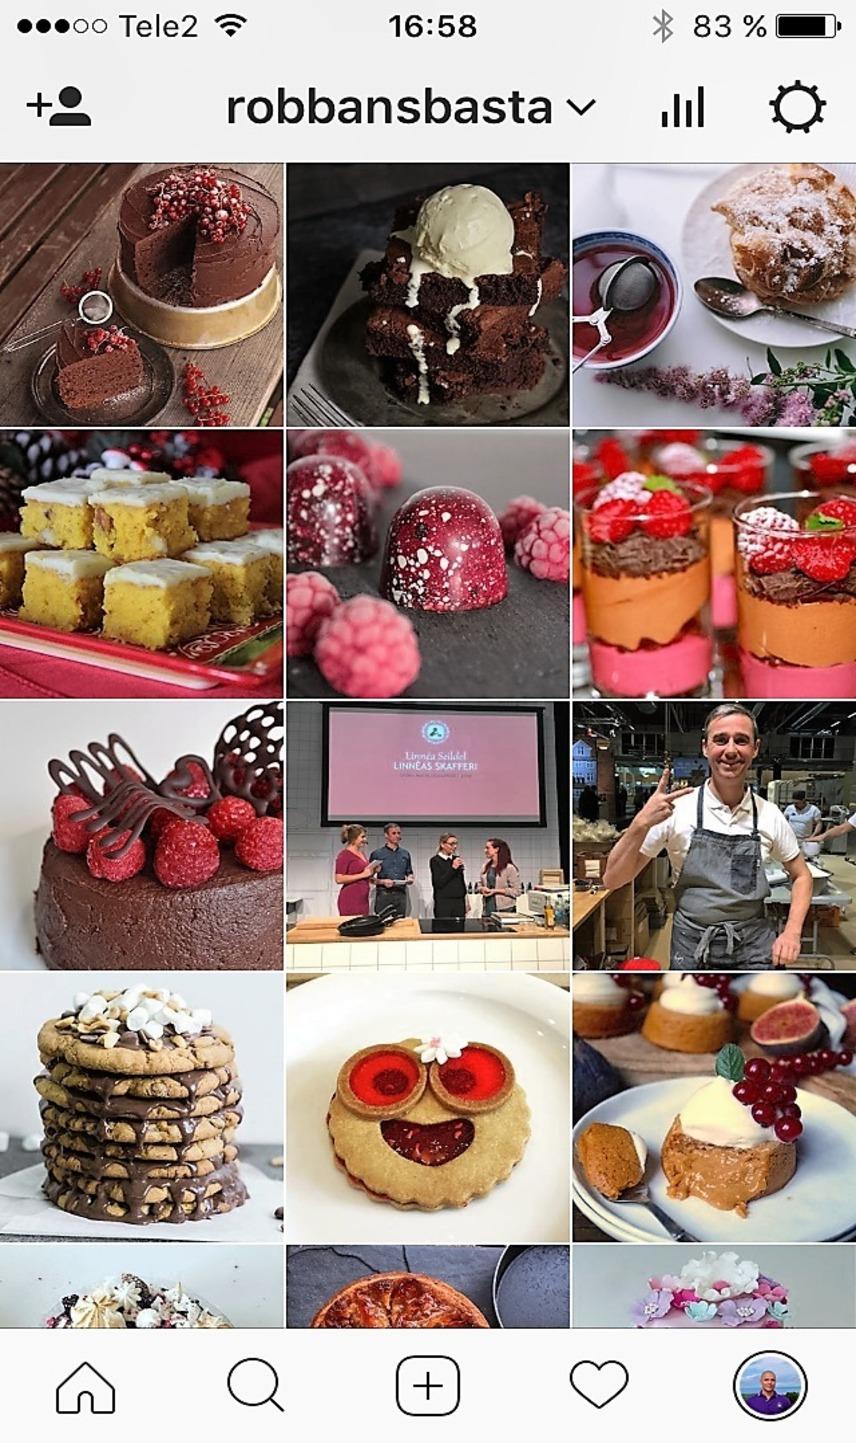 Följ Robbans bästa på Instagram